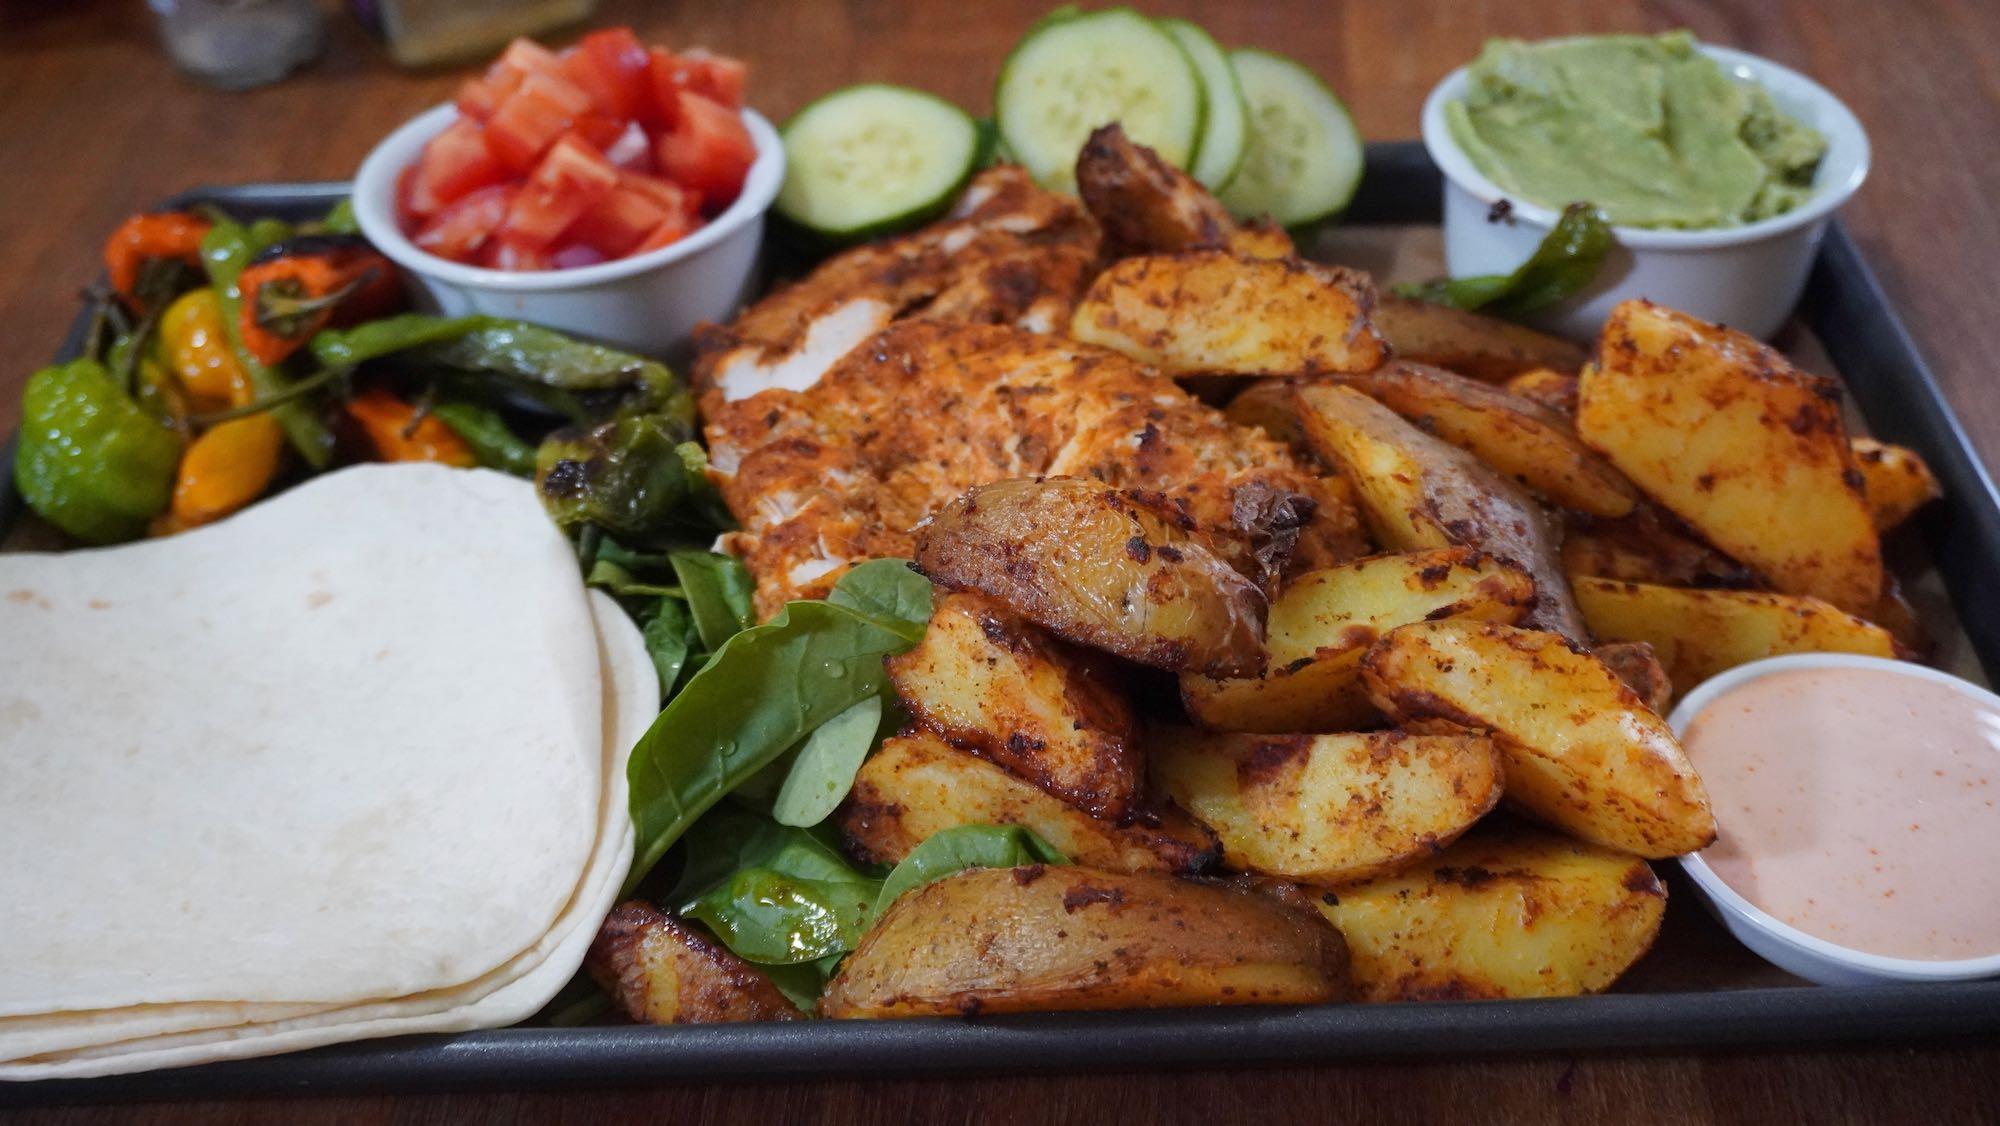 Taco Platter – Quick Dinner Idea for 2